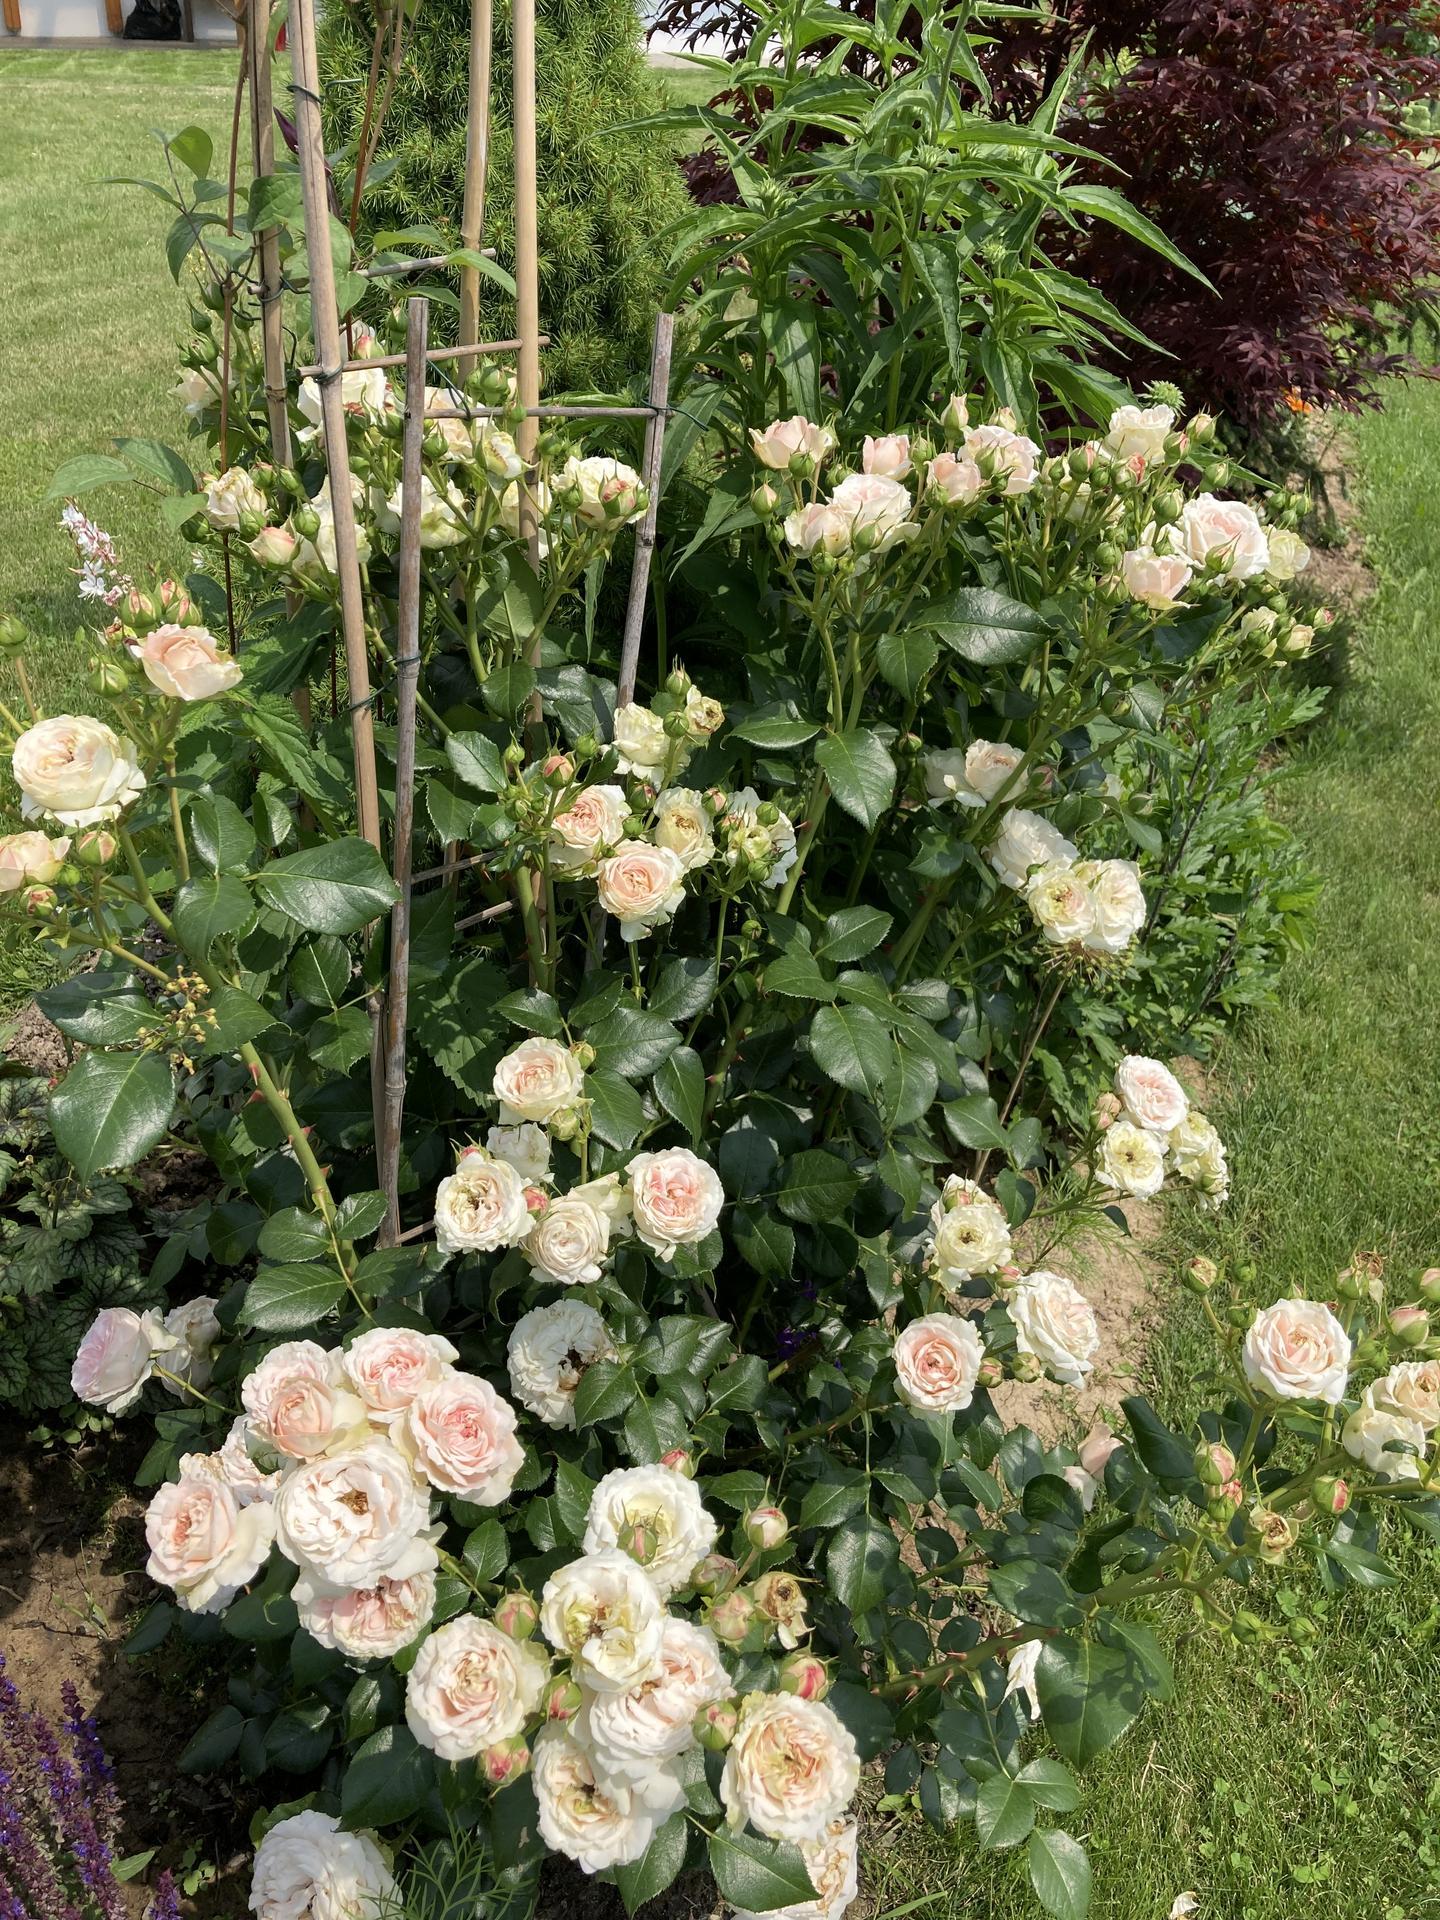 Šestý rok zahradničím - totálně vymrzlá růže mně mile překvapila, tolik poupat ještě neměla